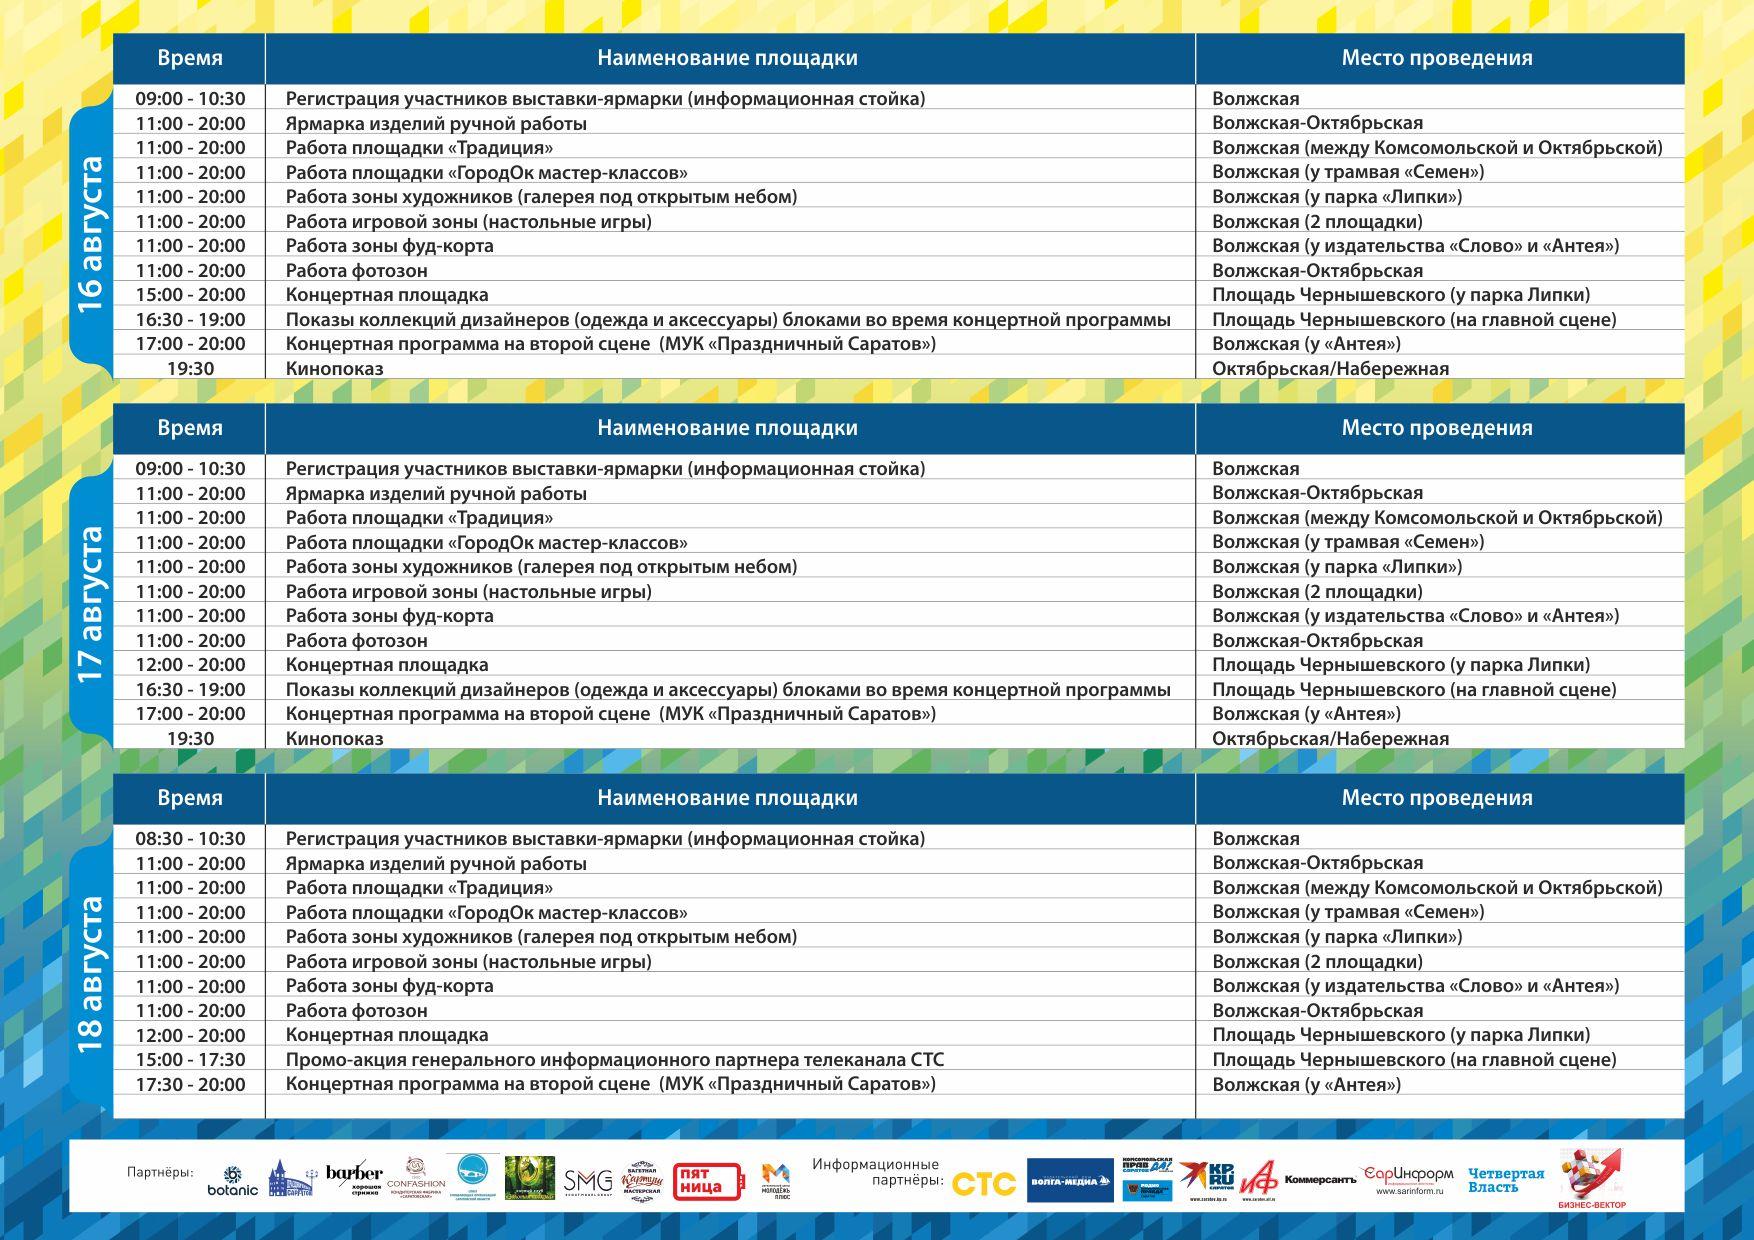 Программа фестиваля_2